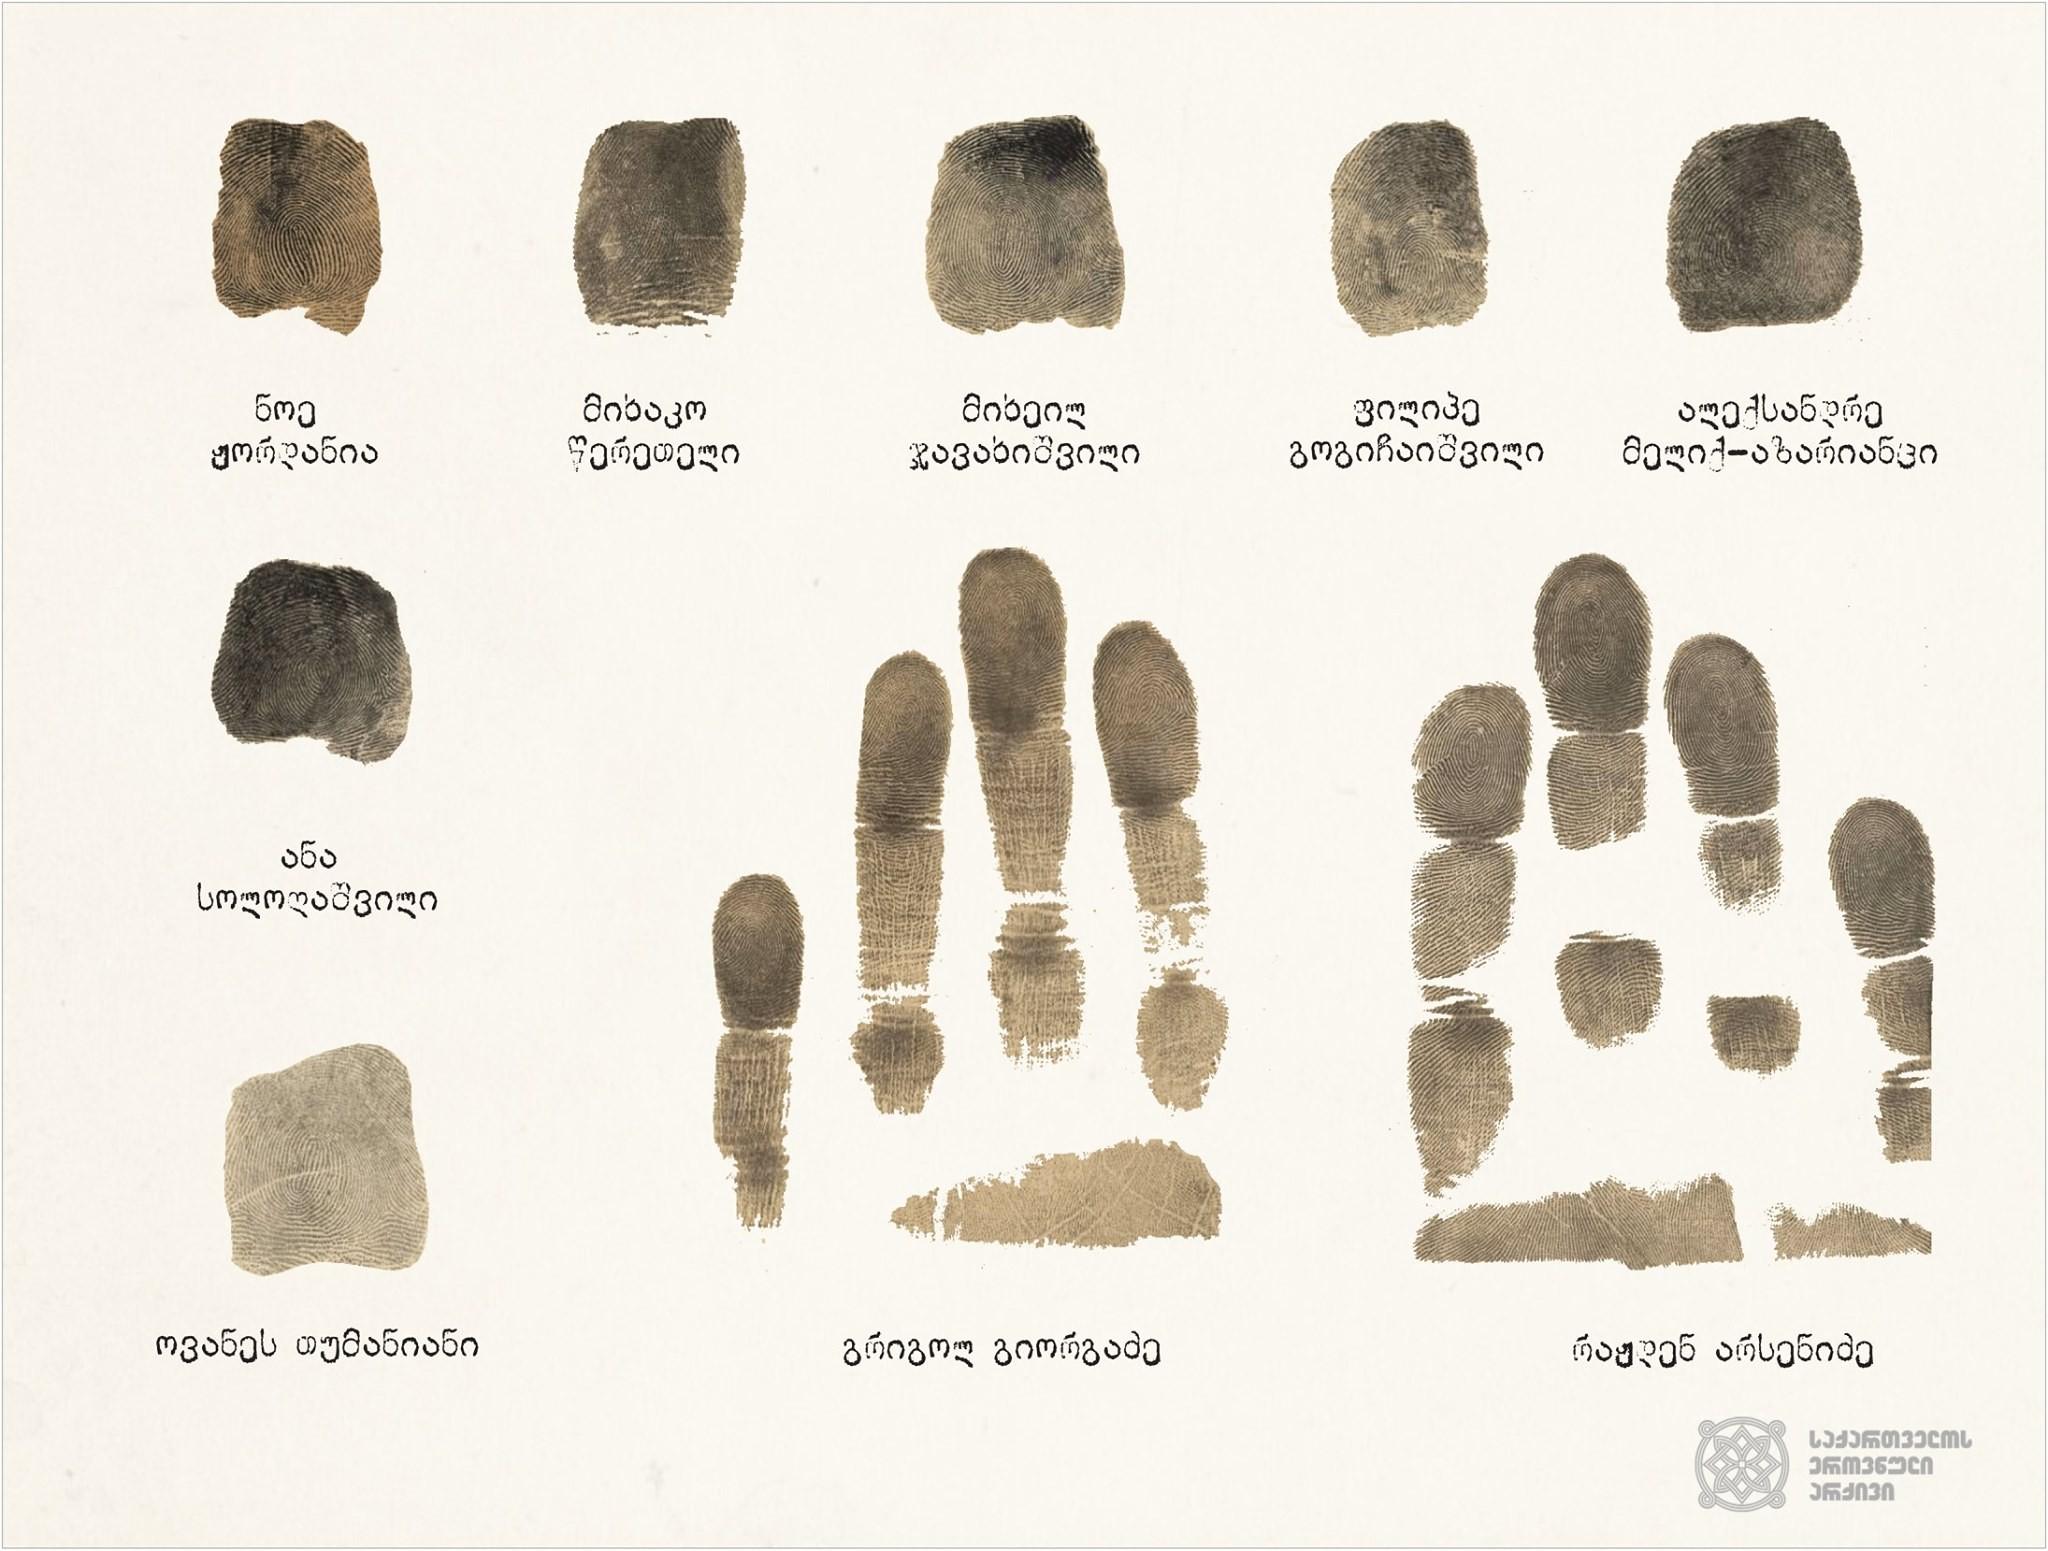 ცნობილი პოლიტიკური და საზოგადო მოღვაწეების თითების ანაბეჭდები  <br> Fingerprints of prominent political and public figures